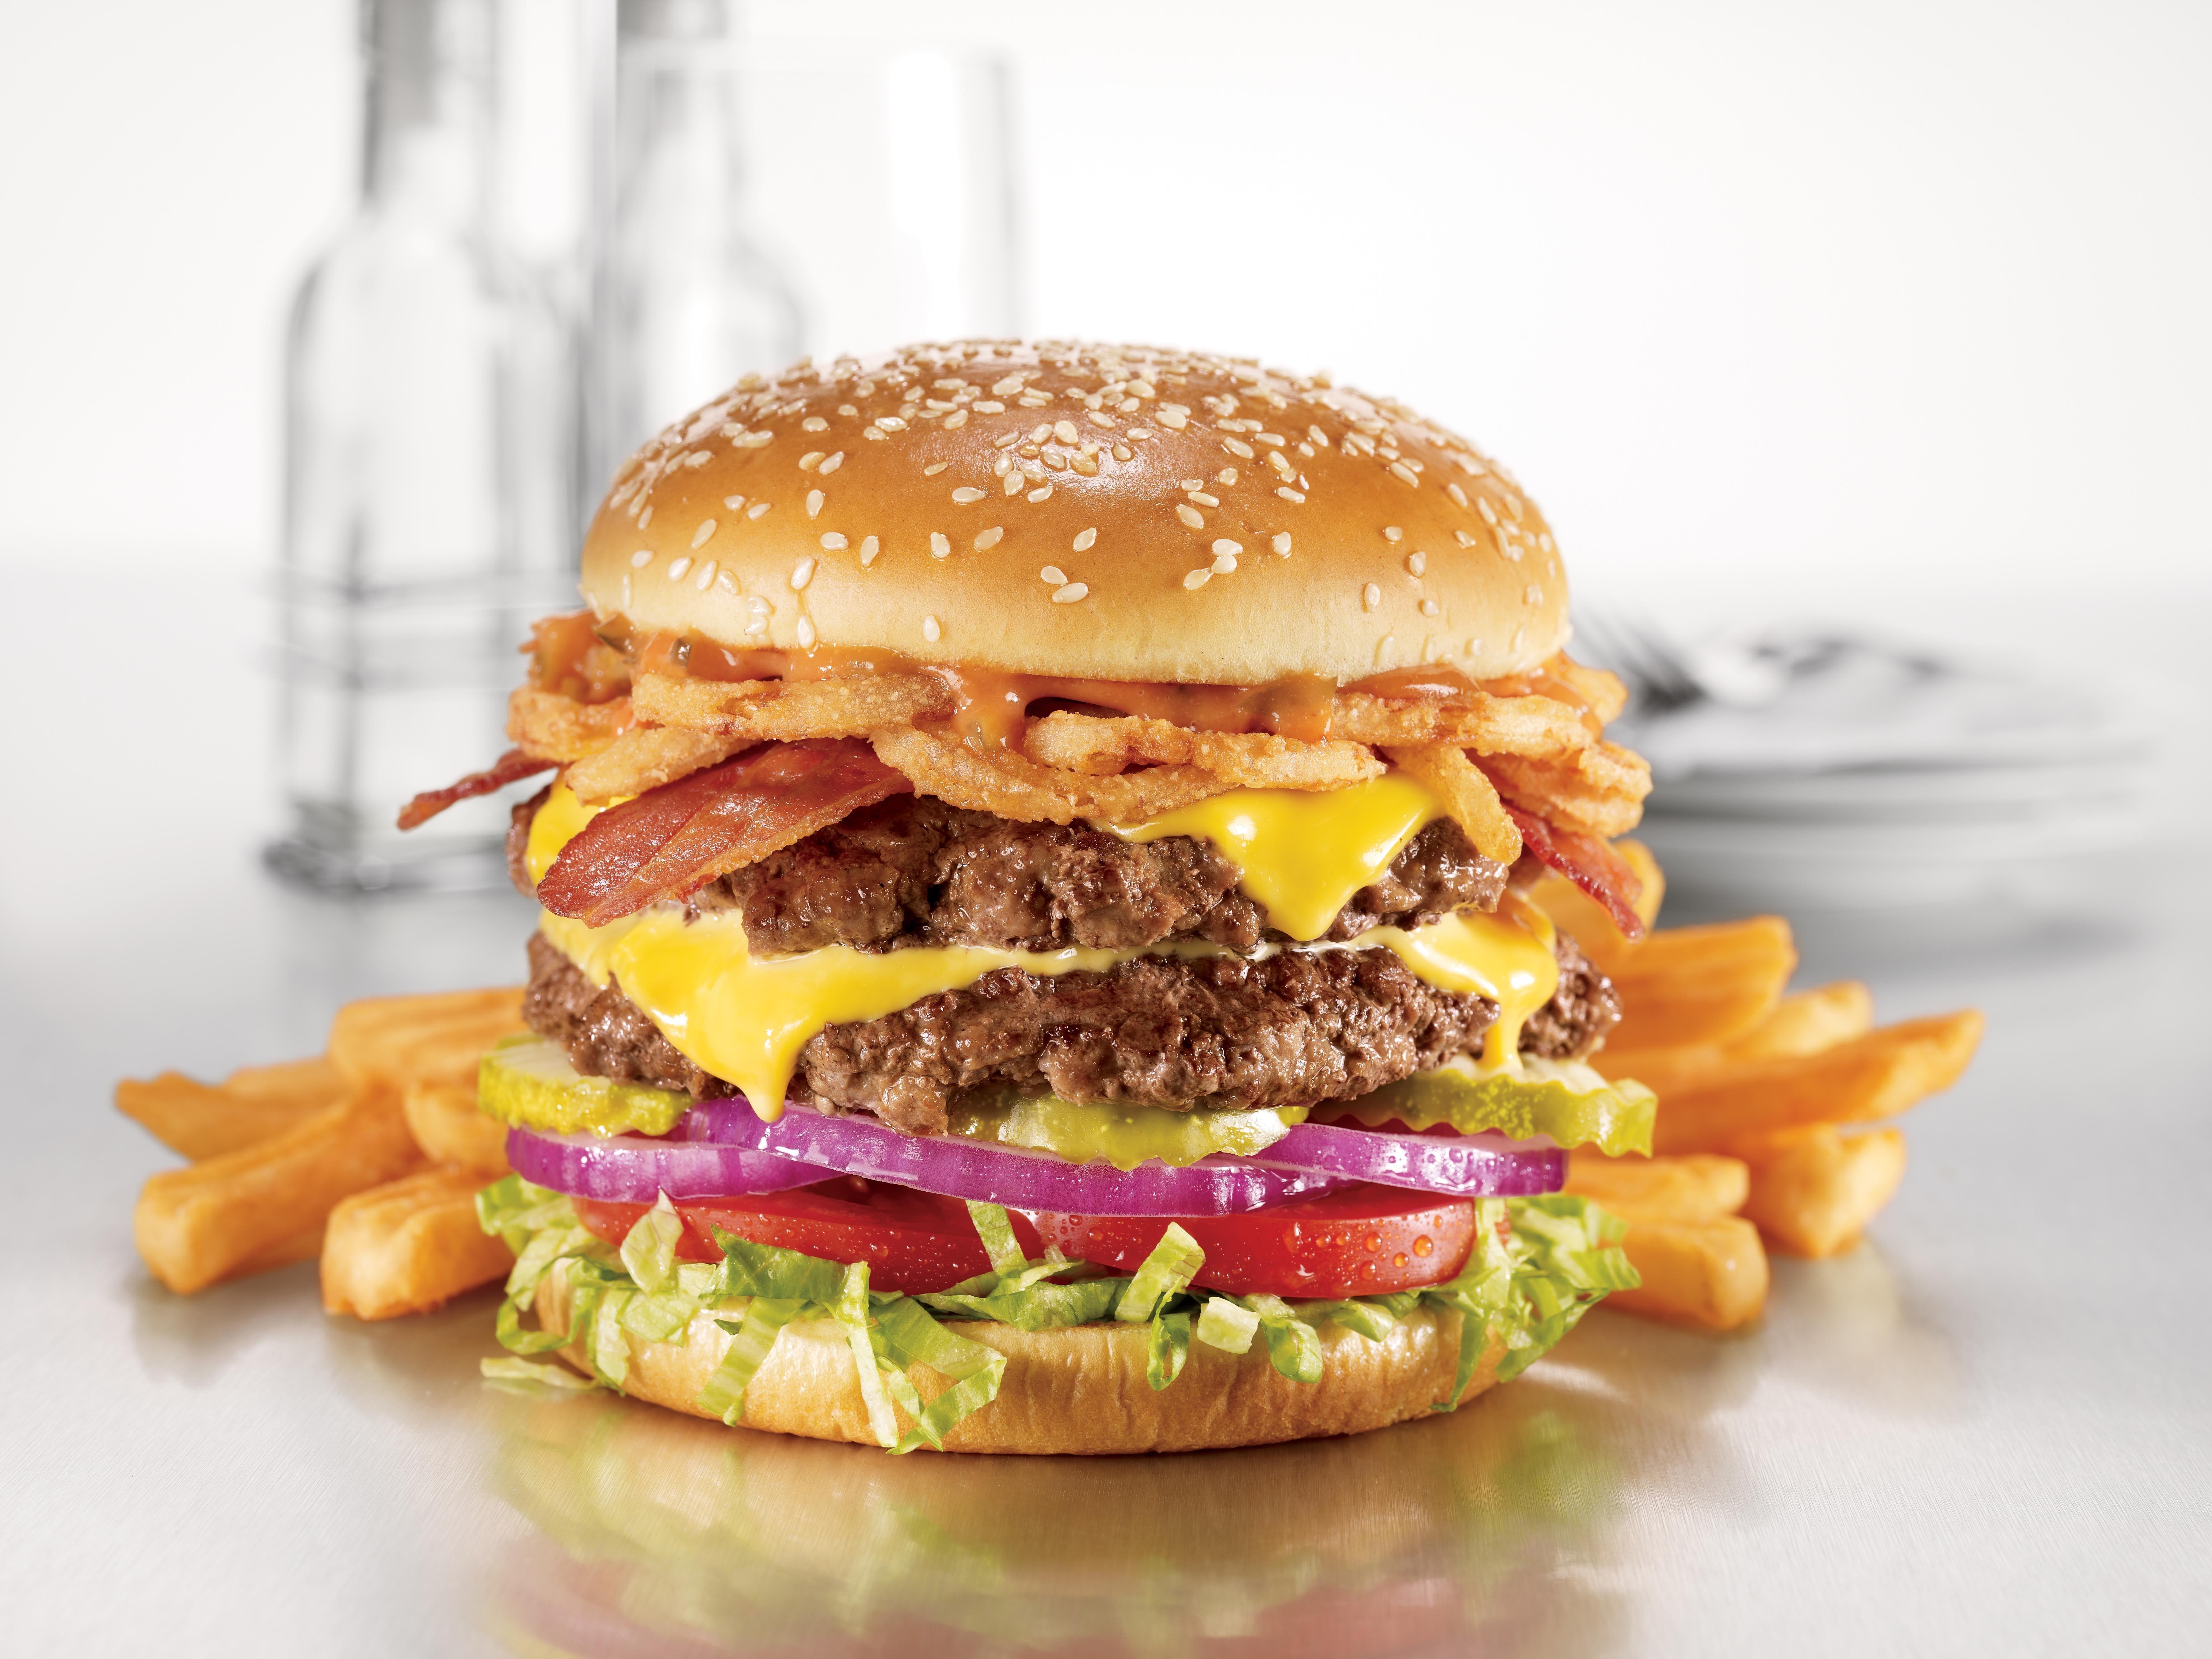 Burger Full Hd Wallpaper Photo Con Imagenes Hamburguesas De